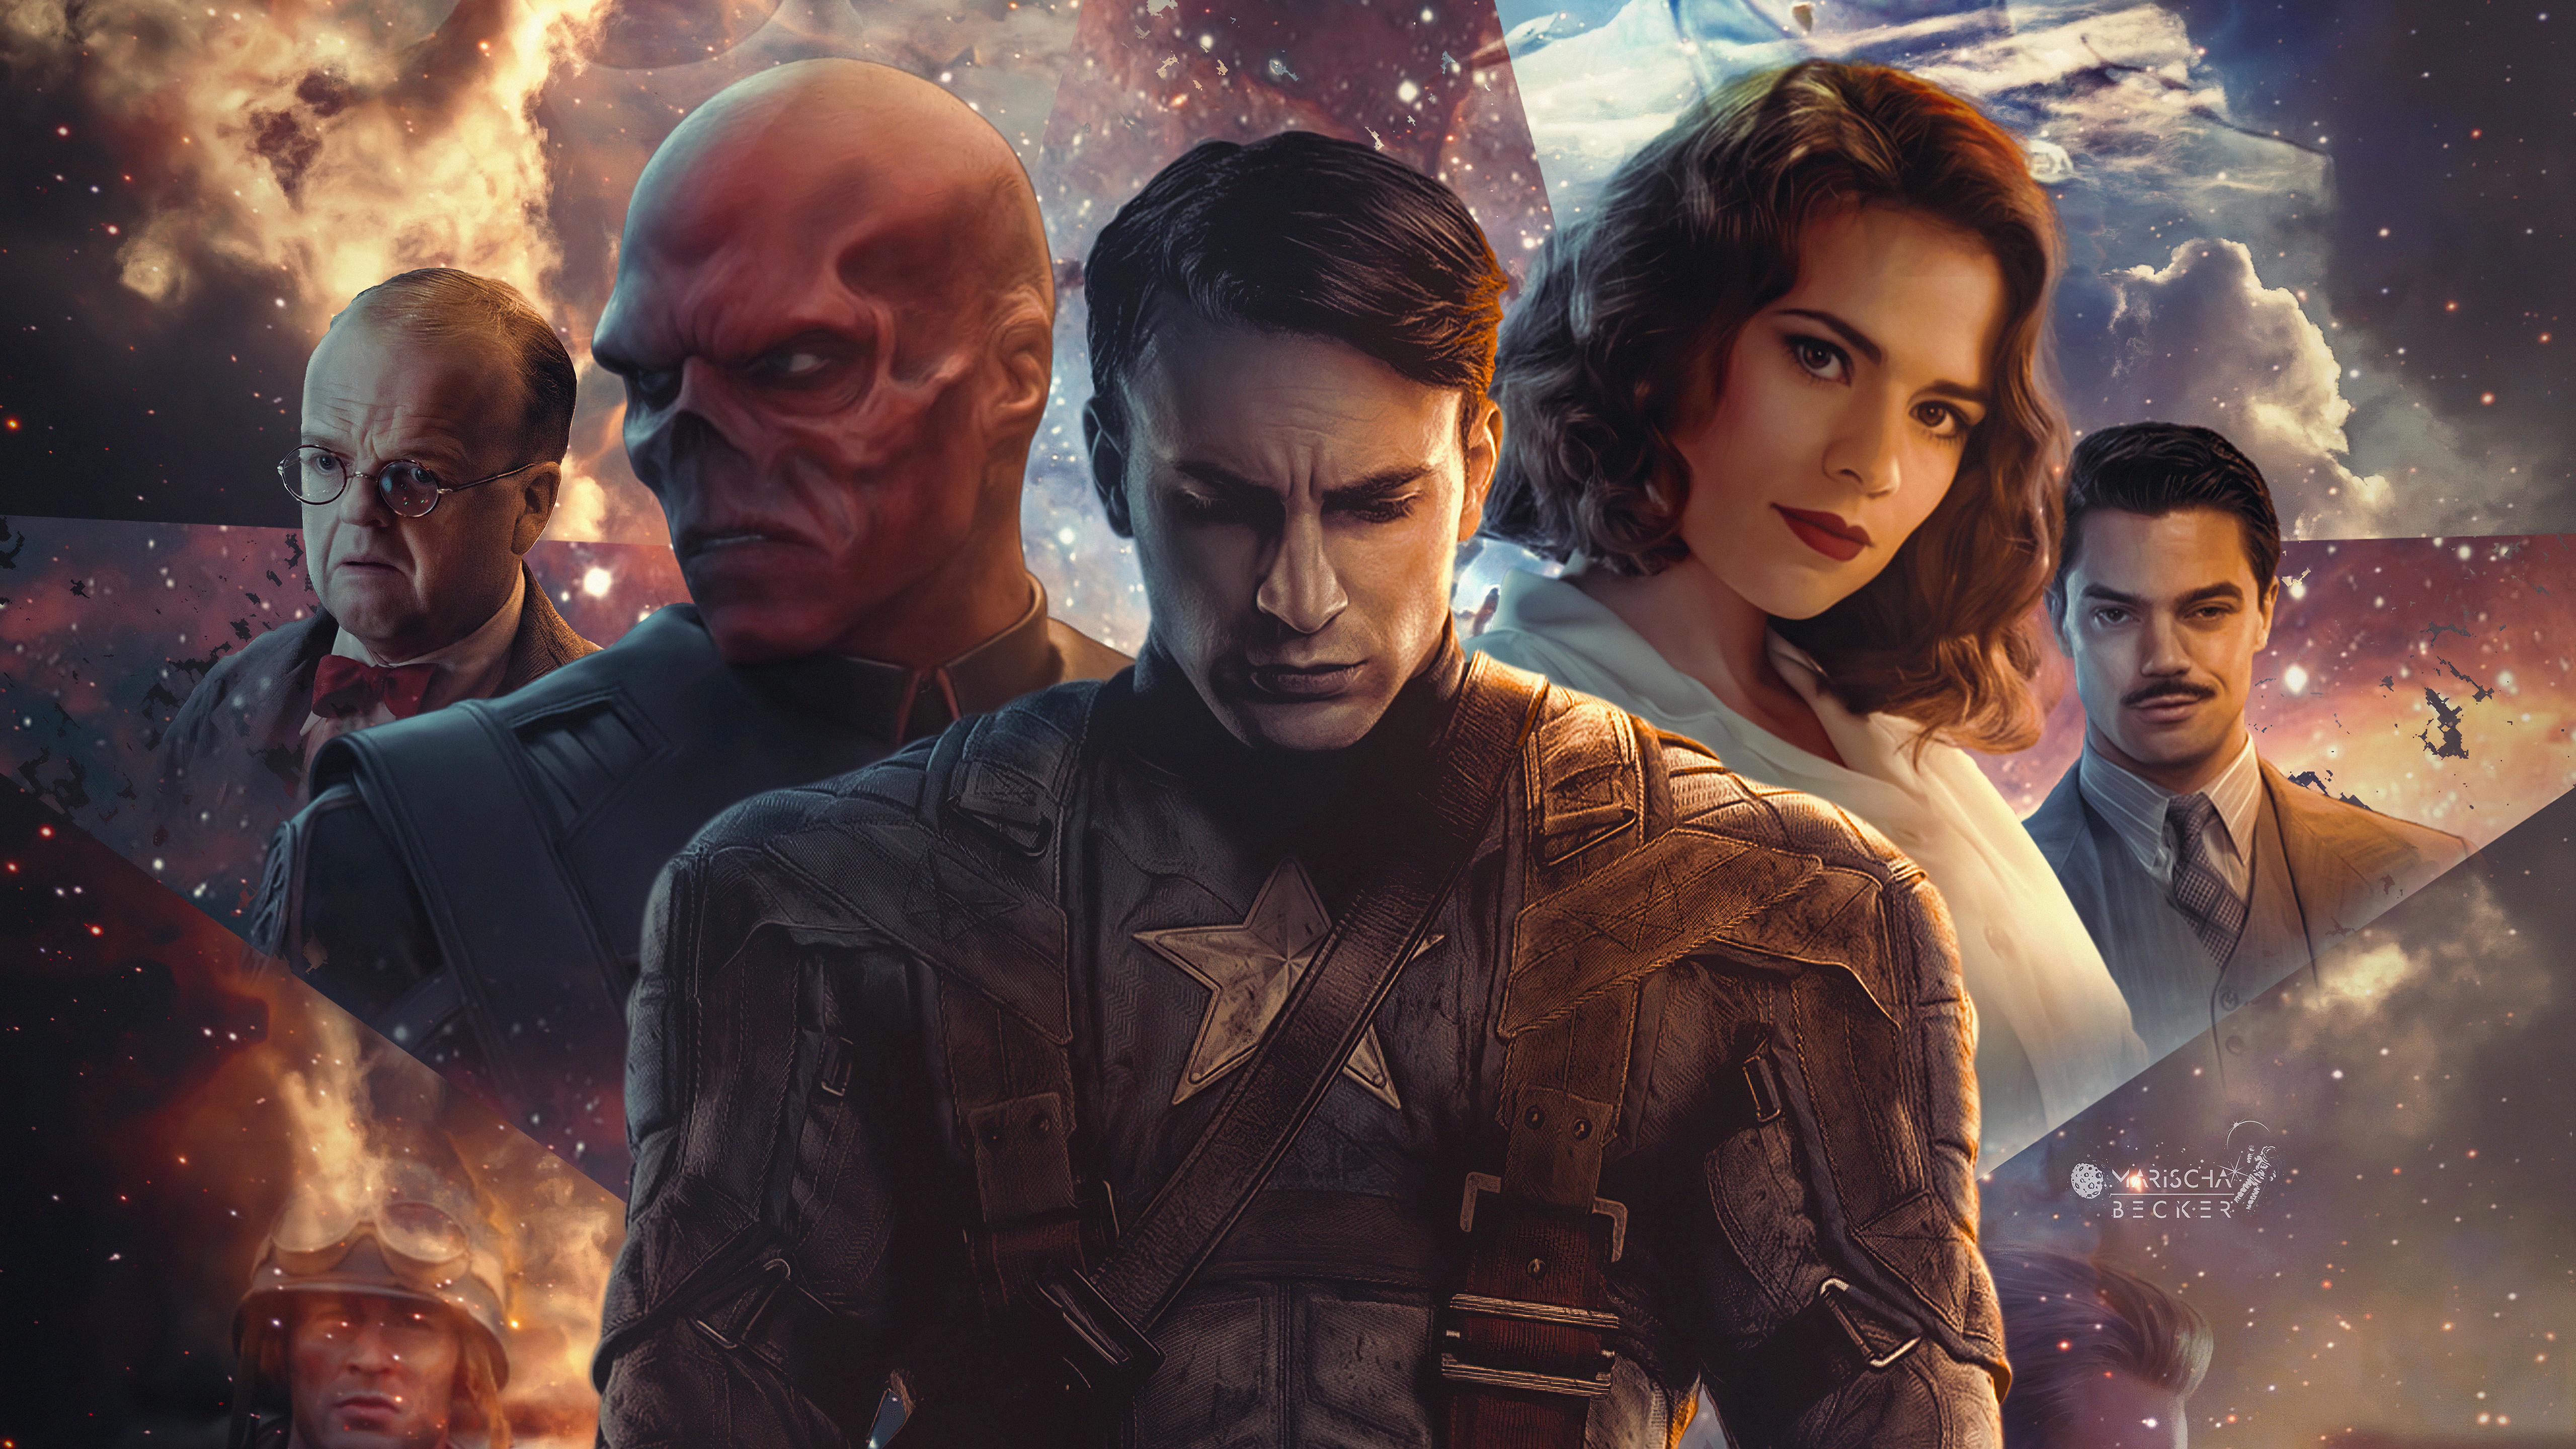 captain america the first avenger poster 4k 1616959817 - Captain America The First Avenger Poster 4k - Captain America The First Avenger Poster 4k wallpapers